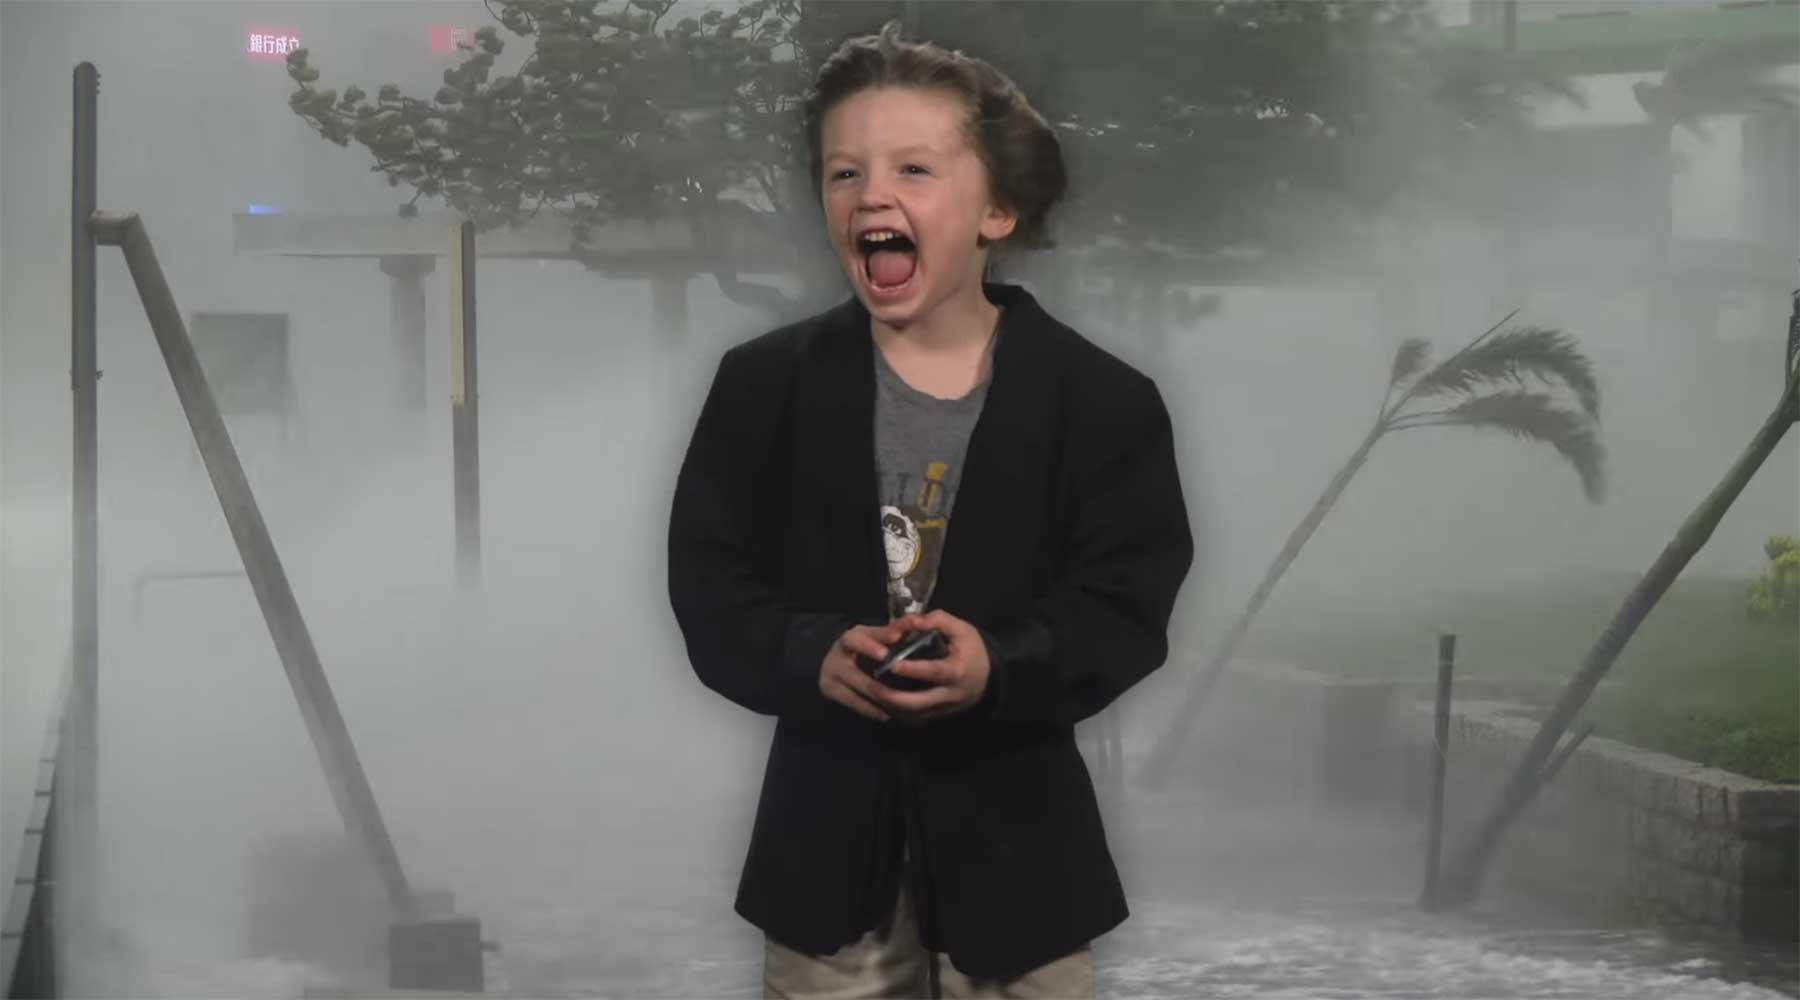 Videoproduzenten-Papa verhilft Sohn zu epischem Kindergarten-Wetterbericht kindergarten-wetterbericht